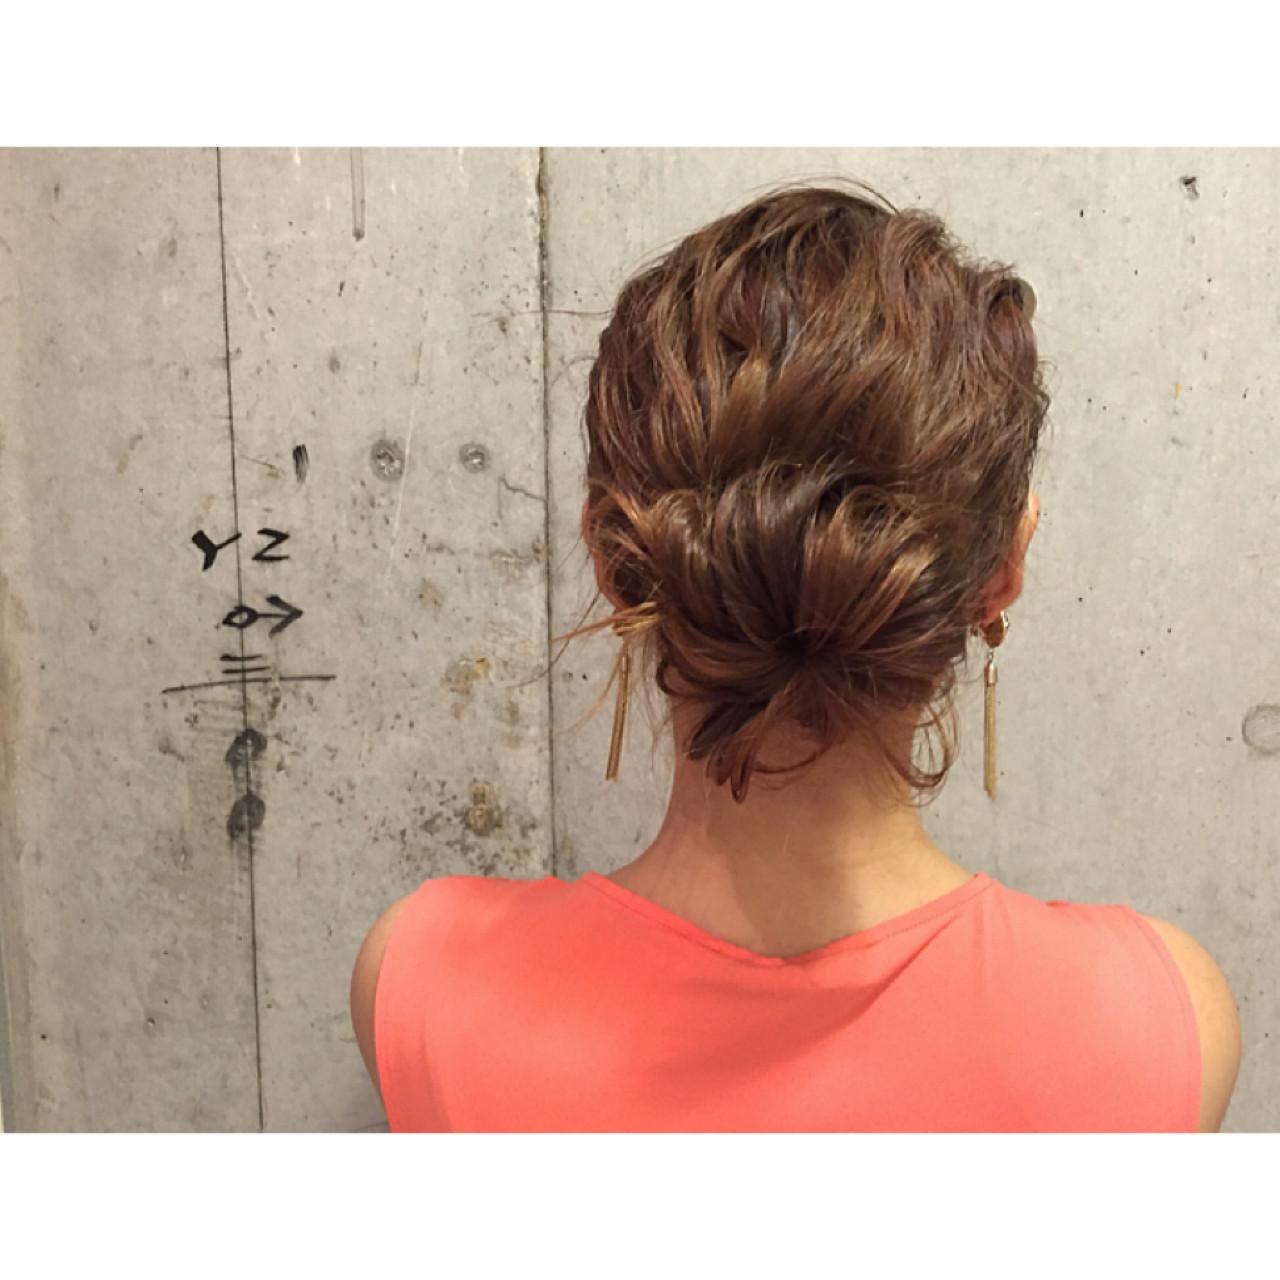 ショート 外国人風 ヘアアレンジ ナチュラル ヘアスタイルや髪型の写真・画像 | 安達 優生 / U-REALM(ユーレルム)